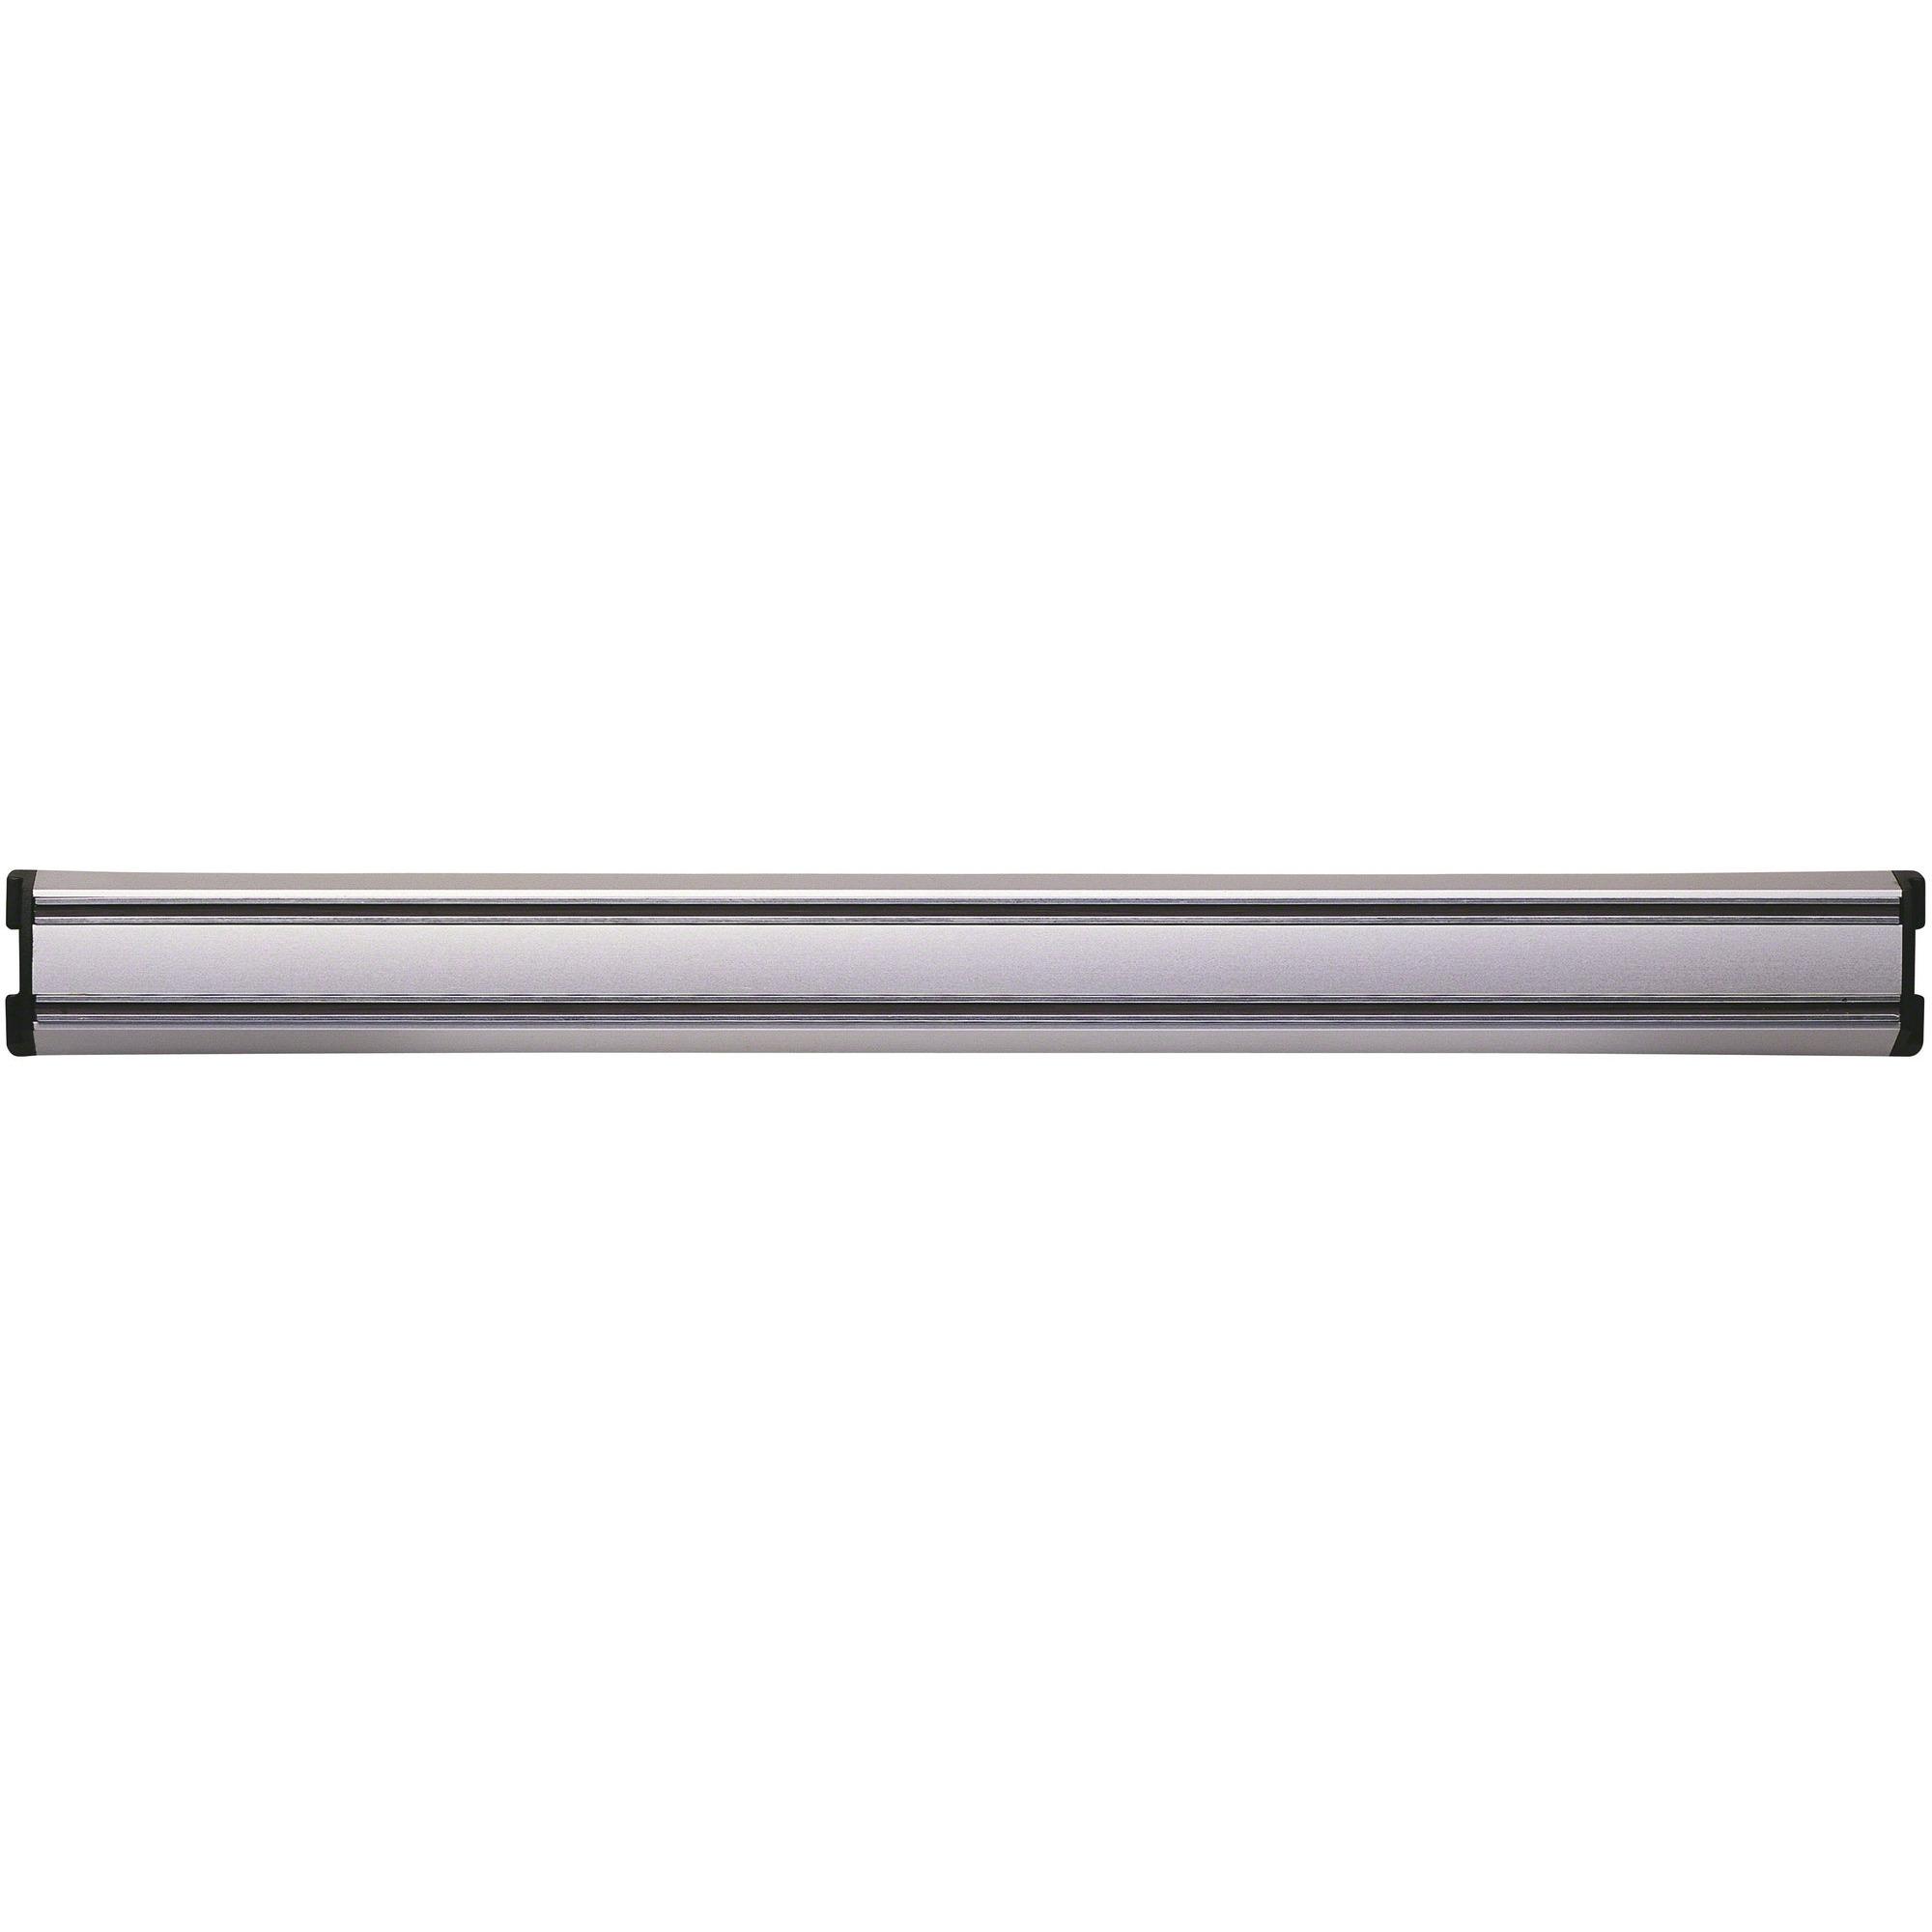 Zwilling Magnetlist Aluminium 45 cm